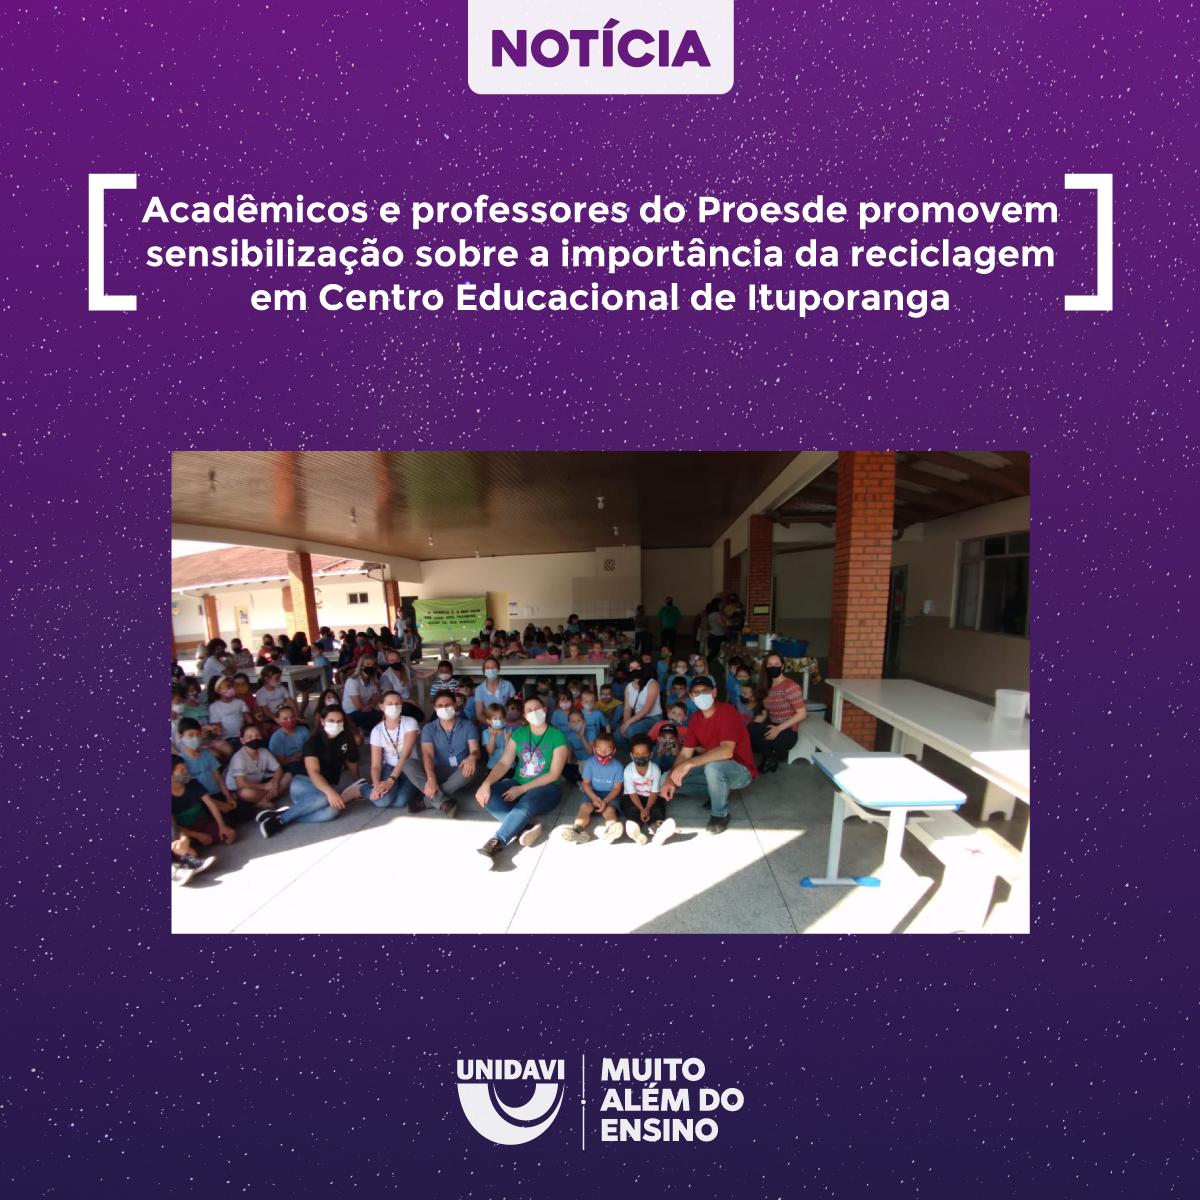 Acadêmicos e professores do Proesde promovem sensibilização sobre a importância da reciclagem em Centro Educacional de Ituporanga